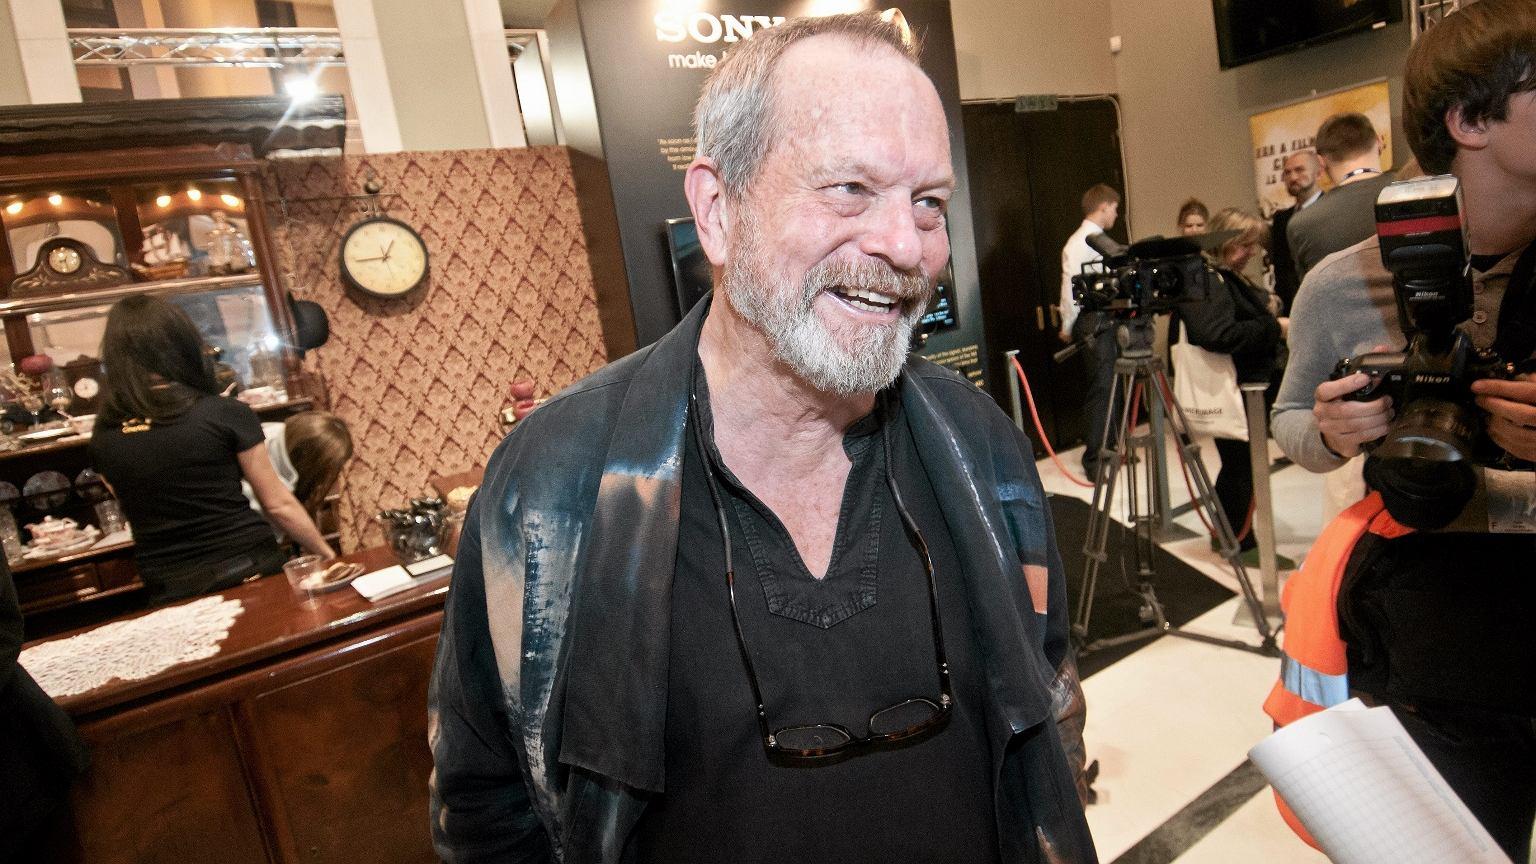 Nowy film Terry'ego Gilliama wchodzi na ekrany kin 10 sierpnia. Na zdjęciu reżyser na Festiwalu Camerimage w 2013 r.